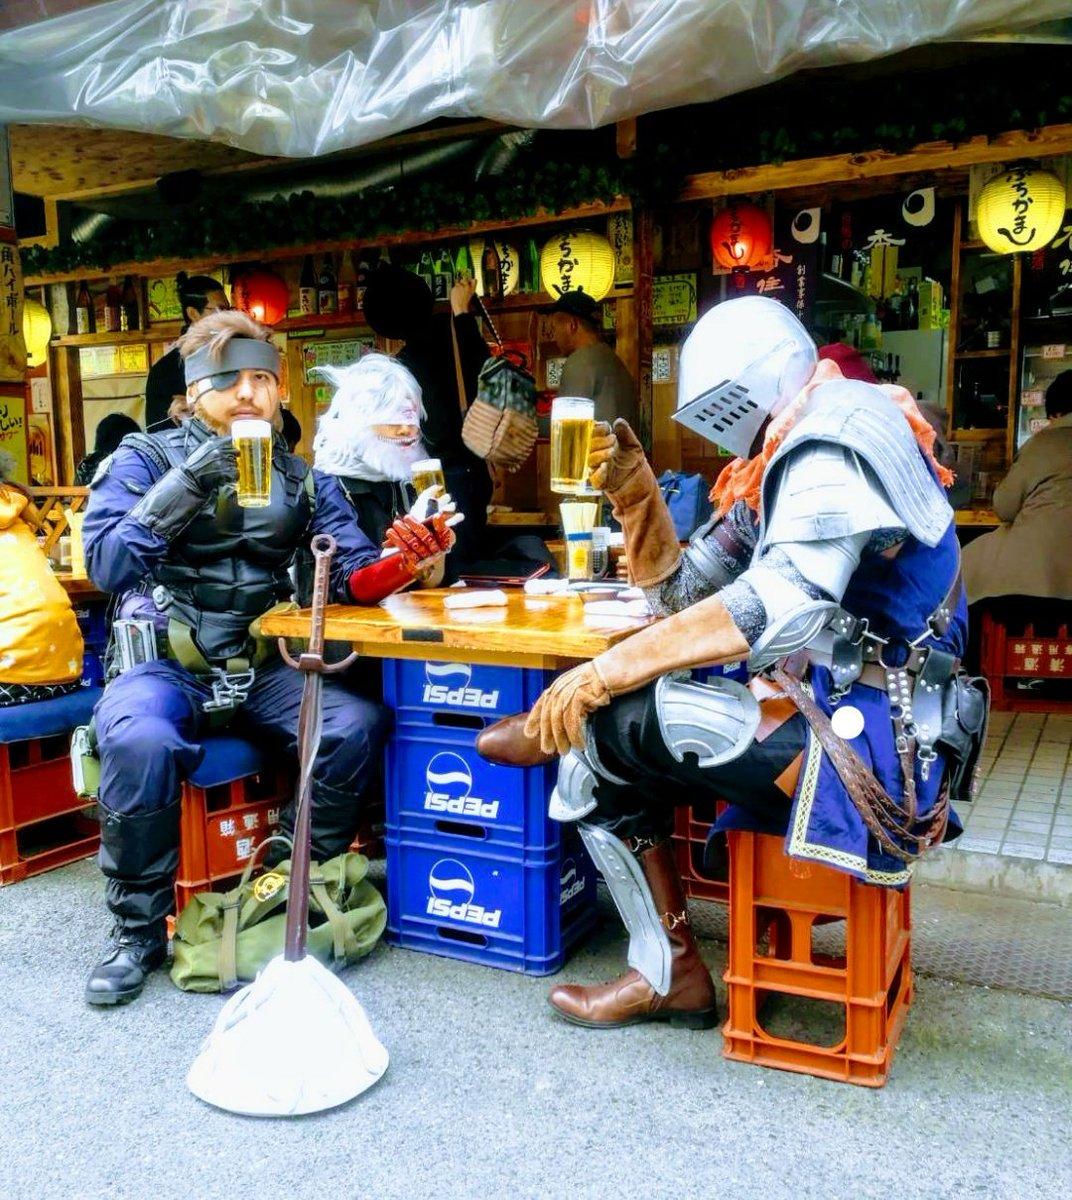 この写真のせいで行きつけのお店が「異世界居酒屋」って呼ばれてるの笑う https...